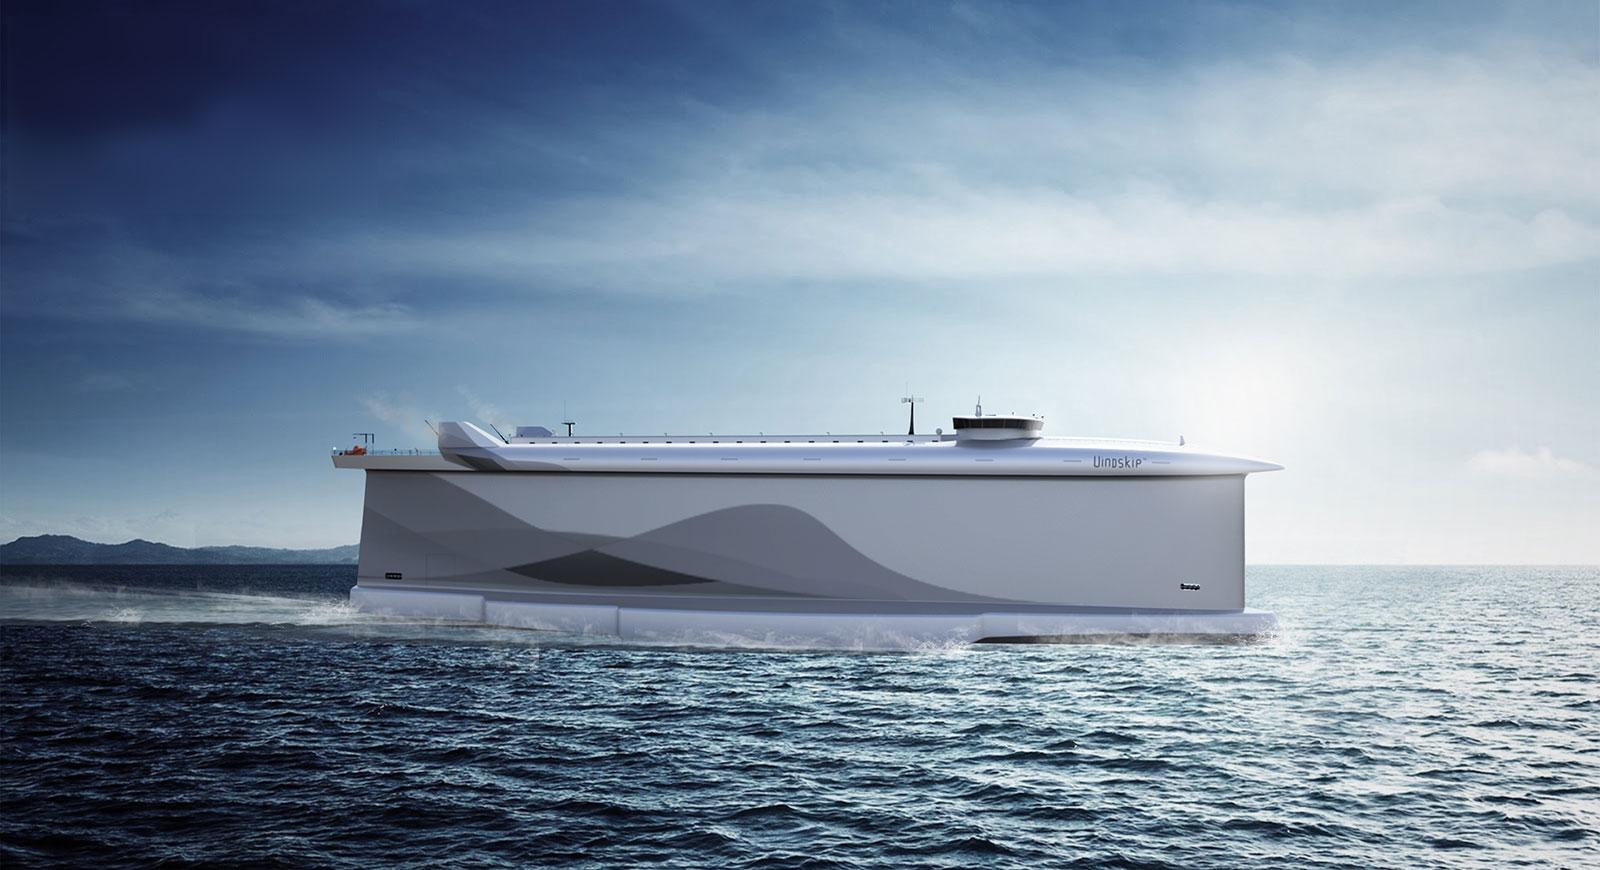 Der Rumpf des Cargo-Schiffs VindskipTM wirkt wie ein großes Segel. © LADE AS